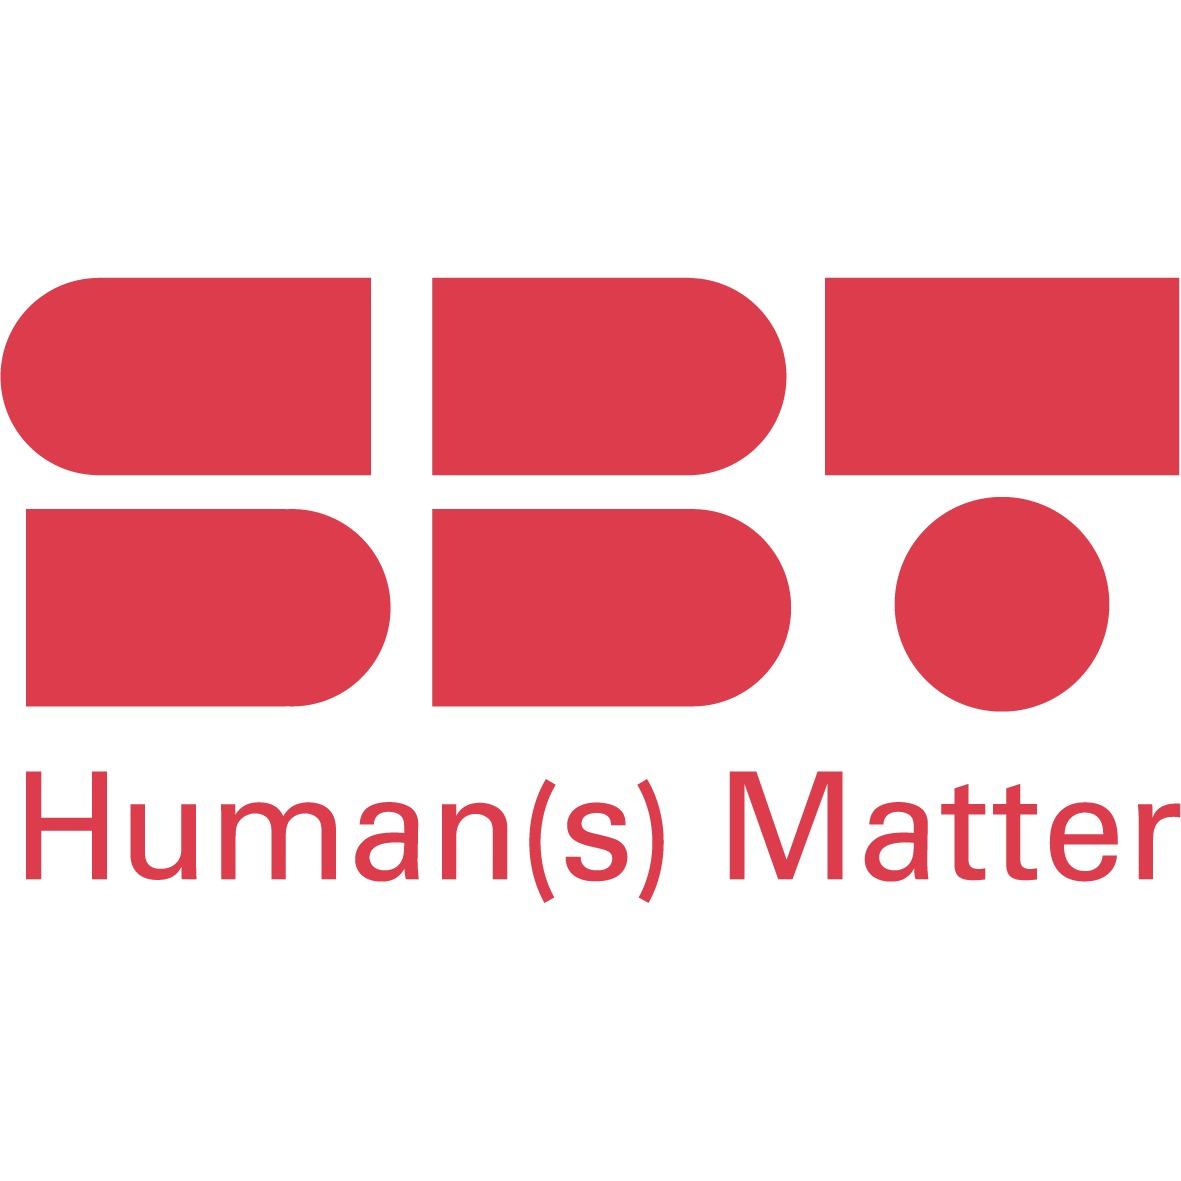 the SBT - HUMAN(S) MATTER logo.